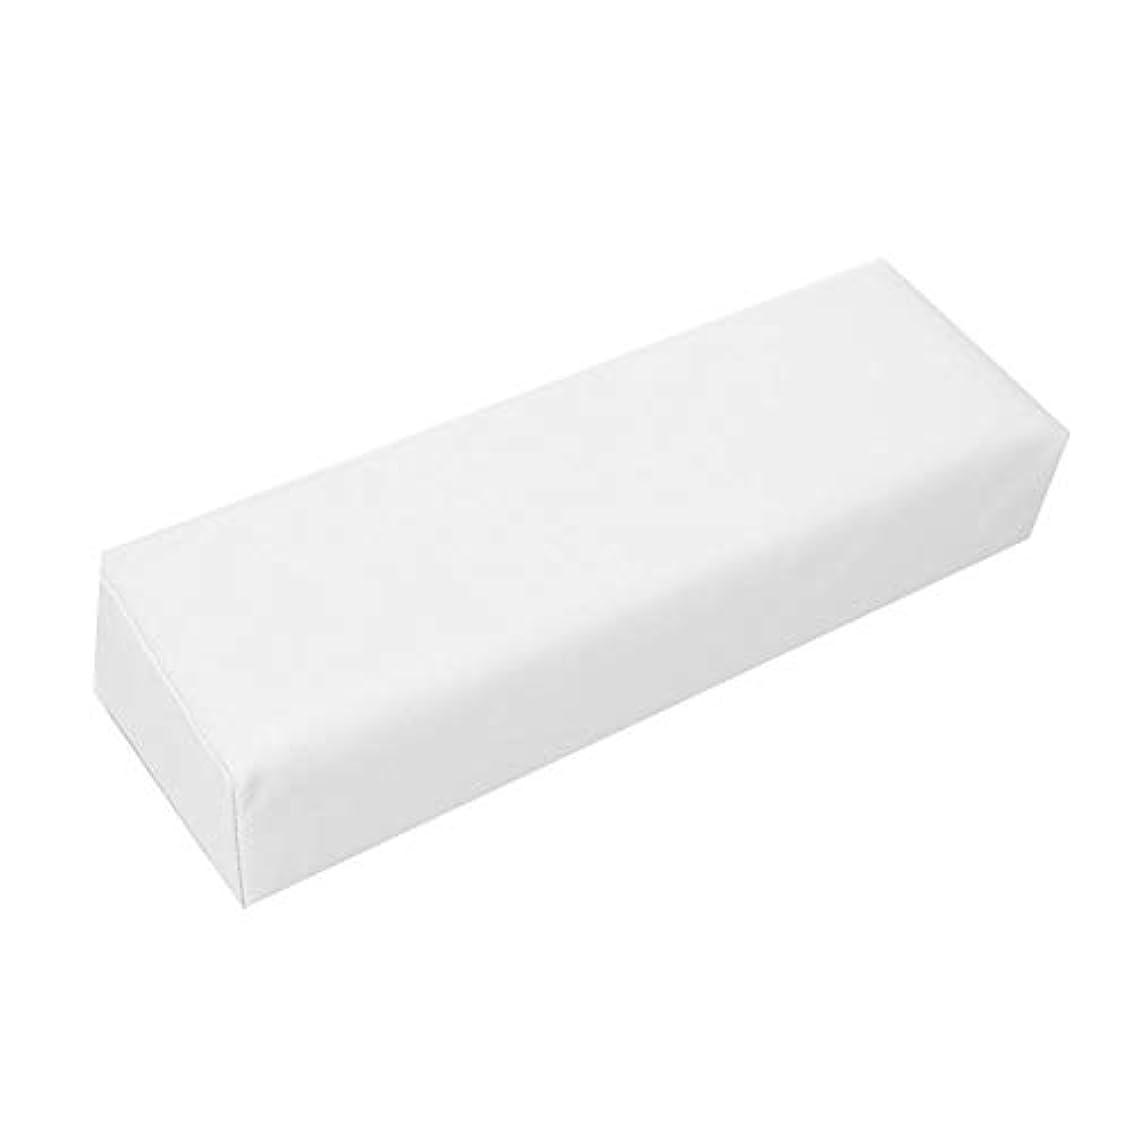 ネイルアートハンドピローサロンソフトハンドレストホルダー(白)